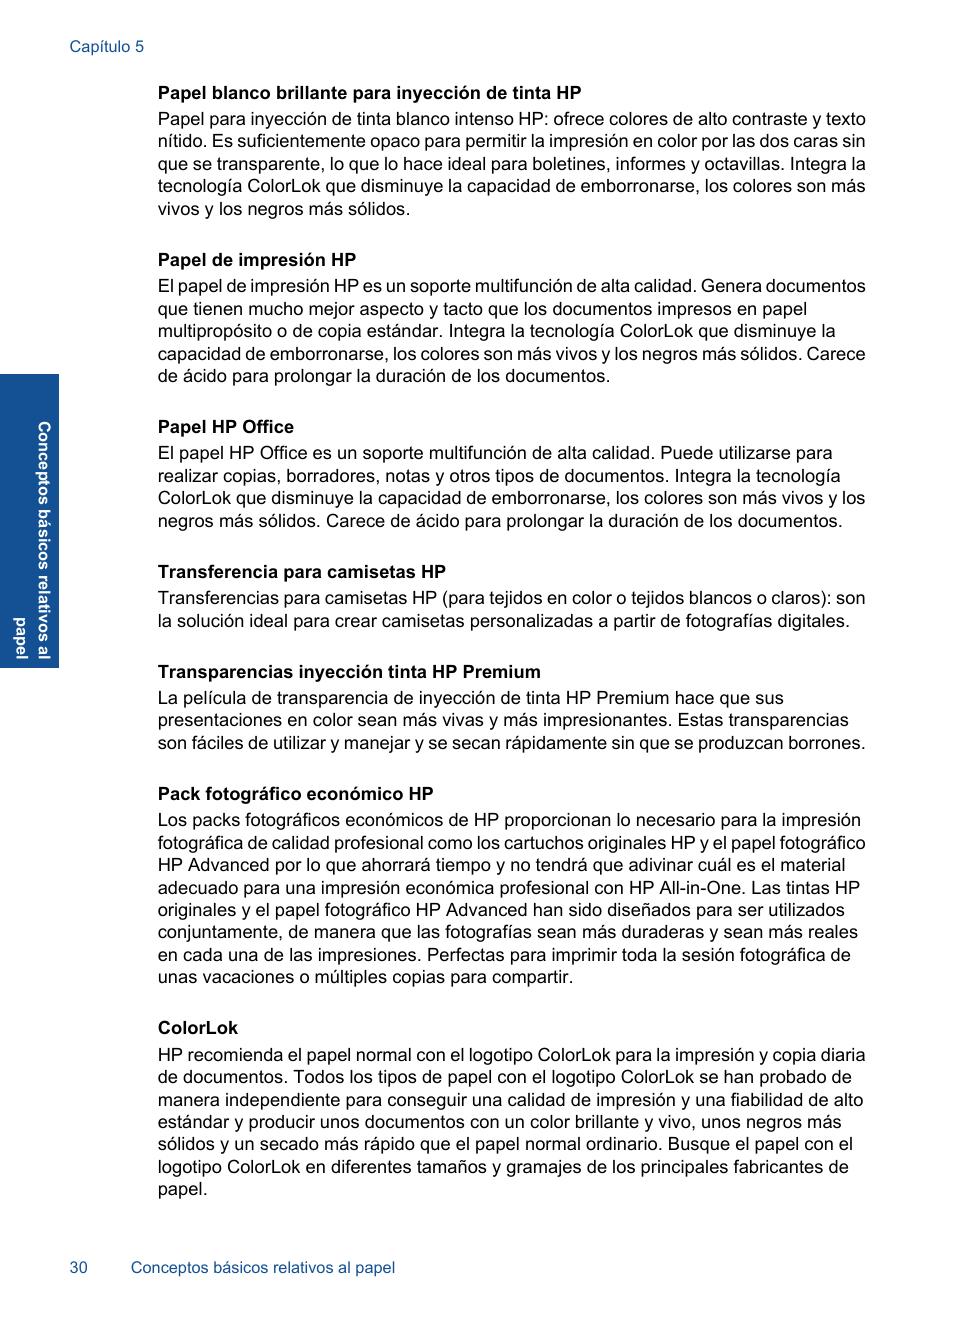 HP Impresora Todo-en-Uno HP Deskjet F4580 Manual del usuario | Página 33